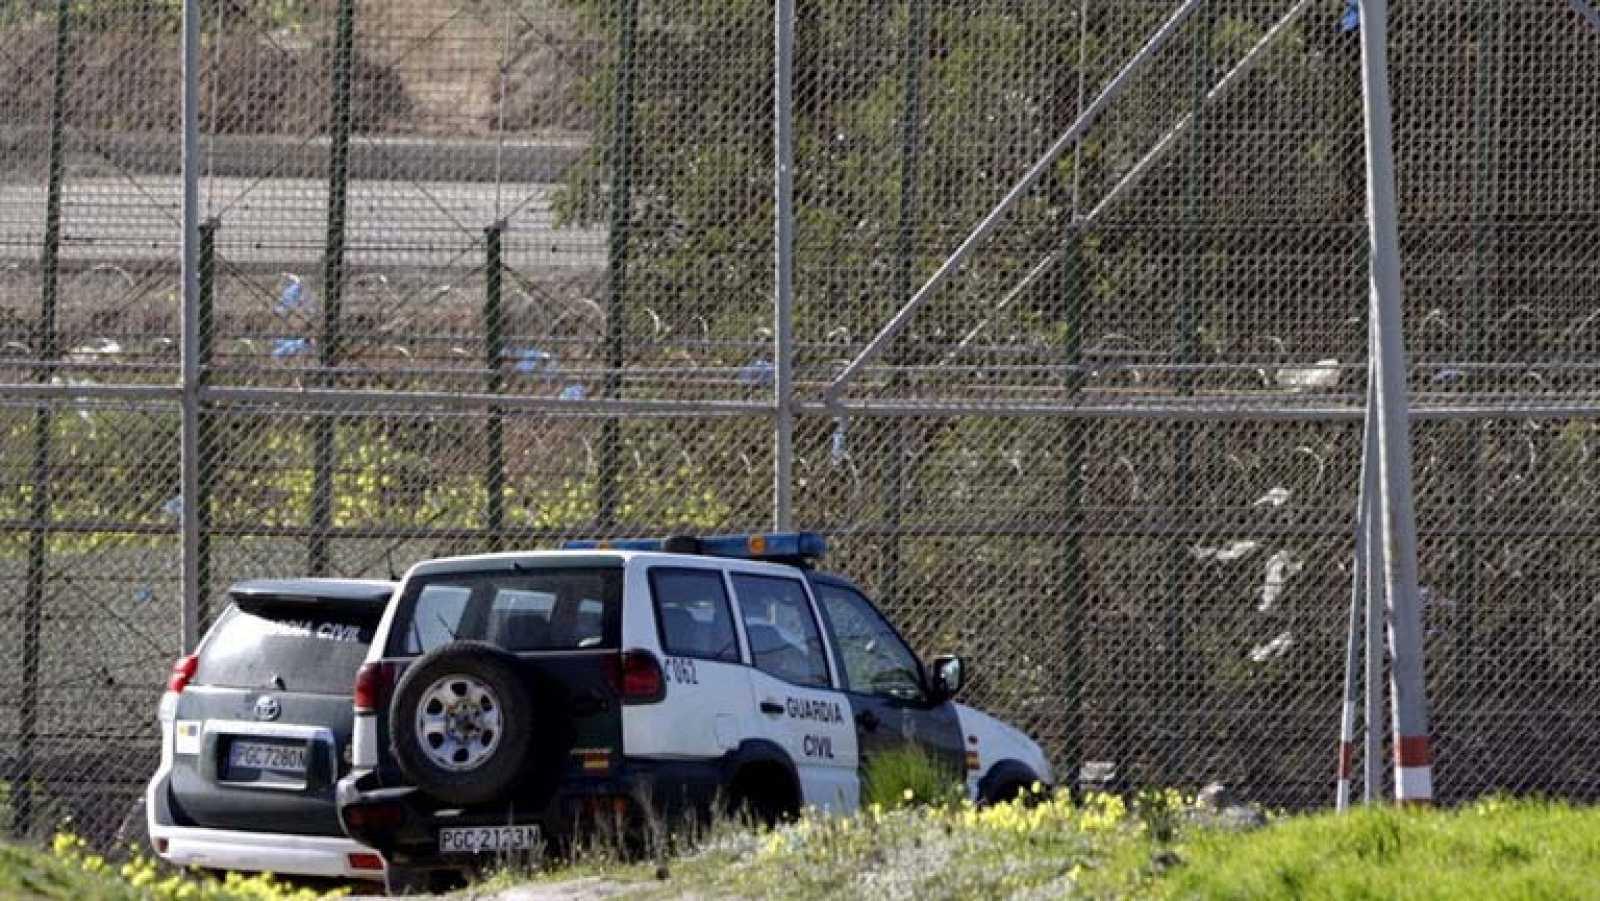 Quince inmigrantes logran entrar en Melilla tras un nuevo salto masivo a la valla fronteriza